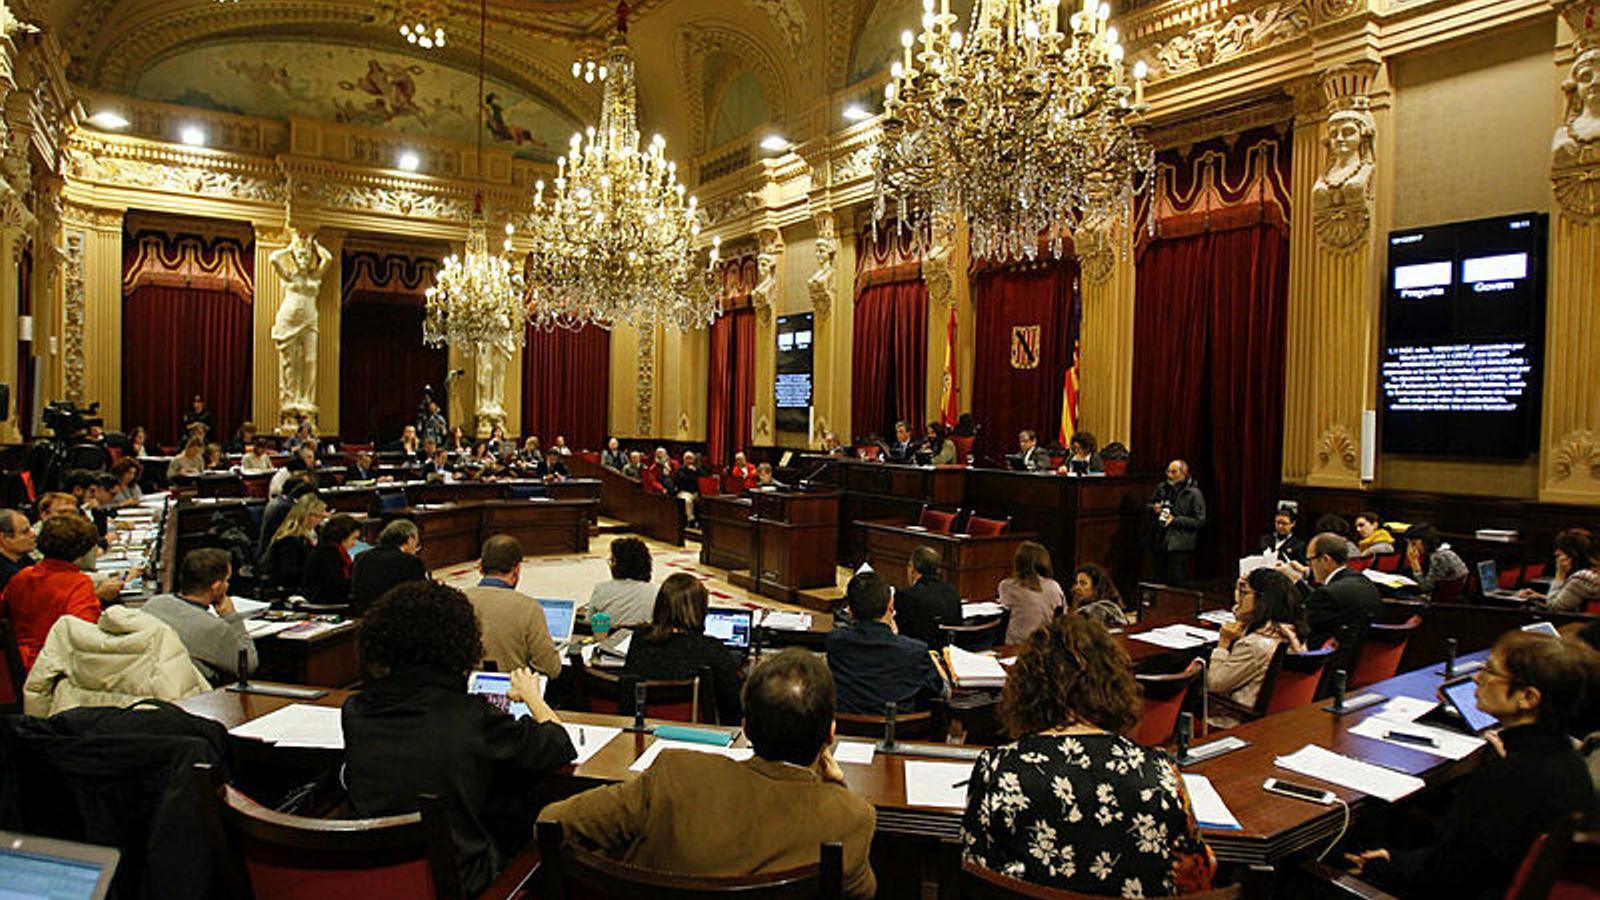 Vacances pactades en el Parlament Balear